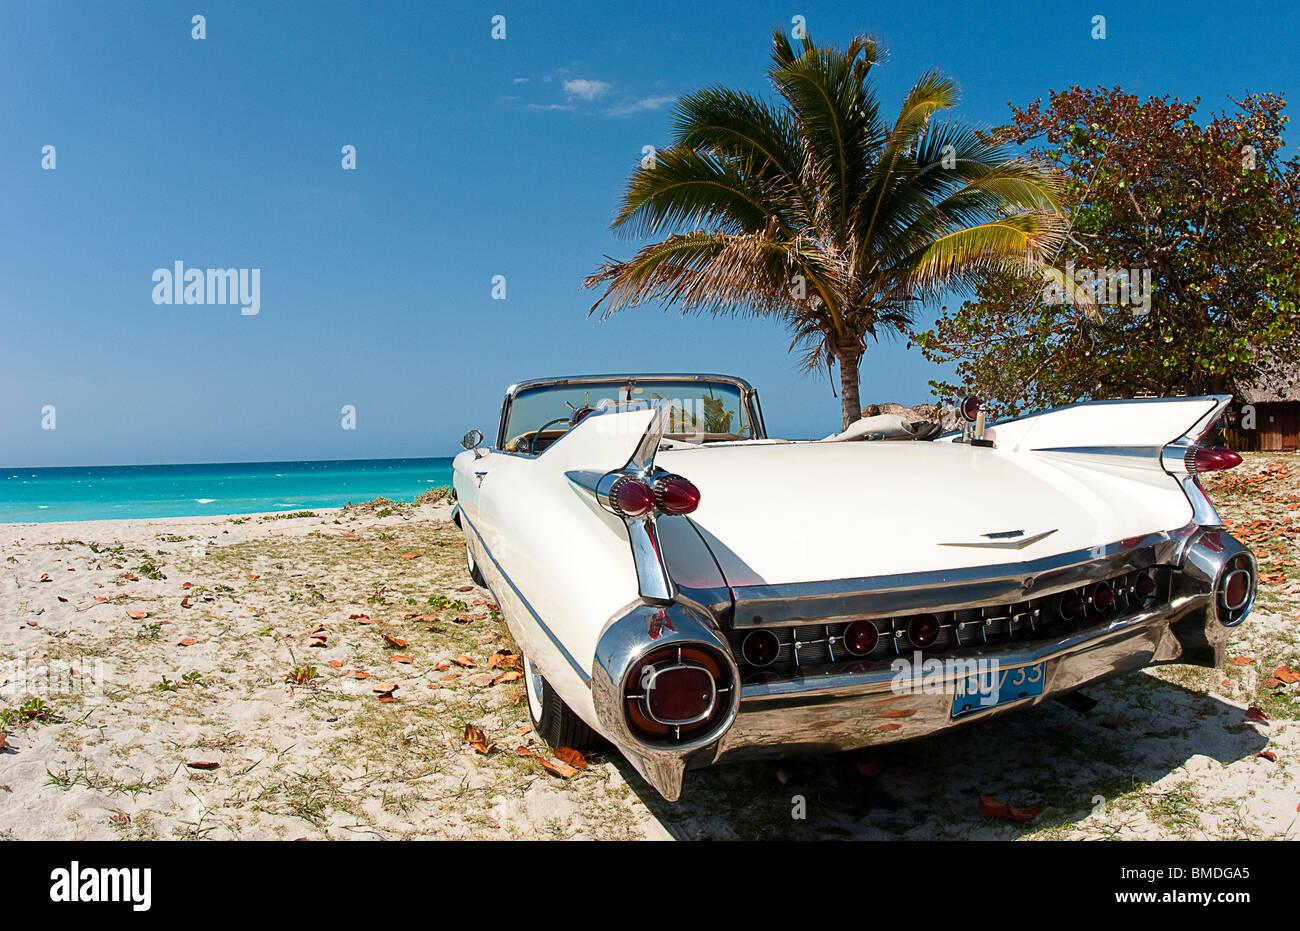 c8.alamy.com/comp/BMDGA5/classic-1959-white-cadill...